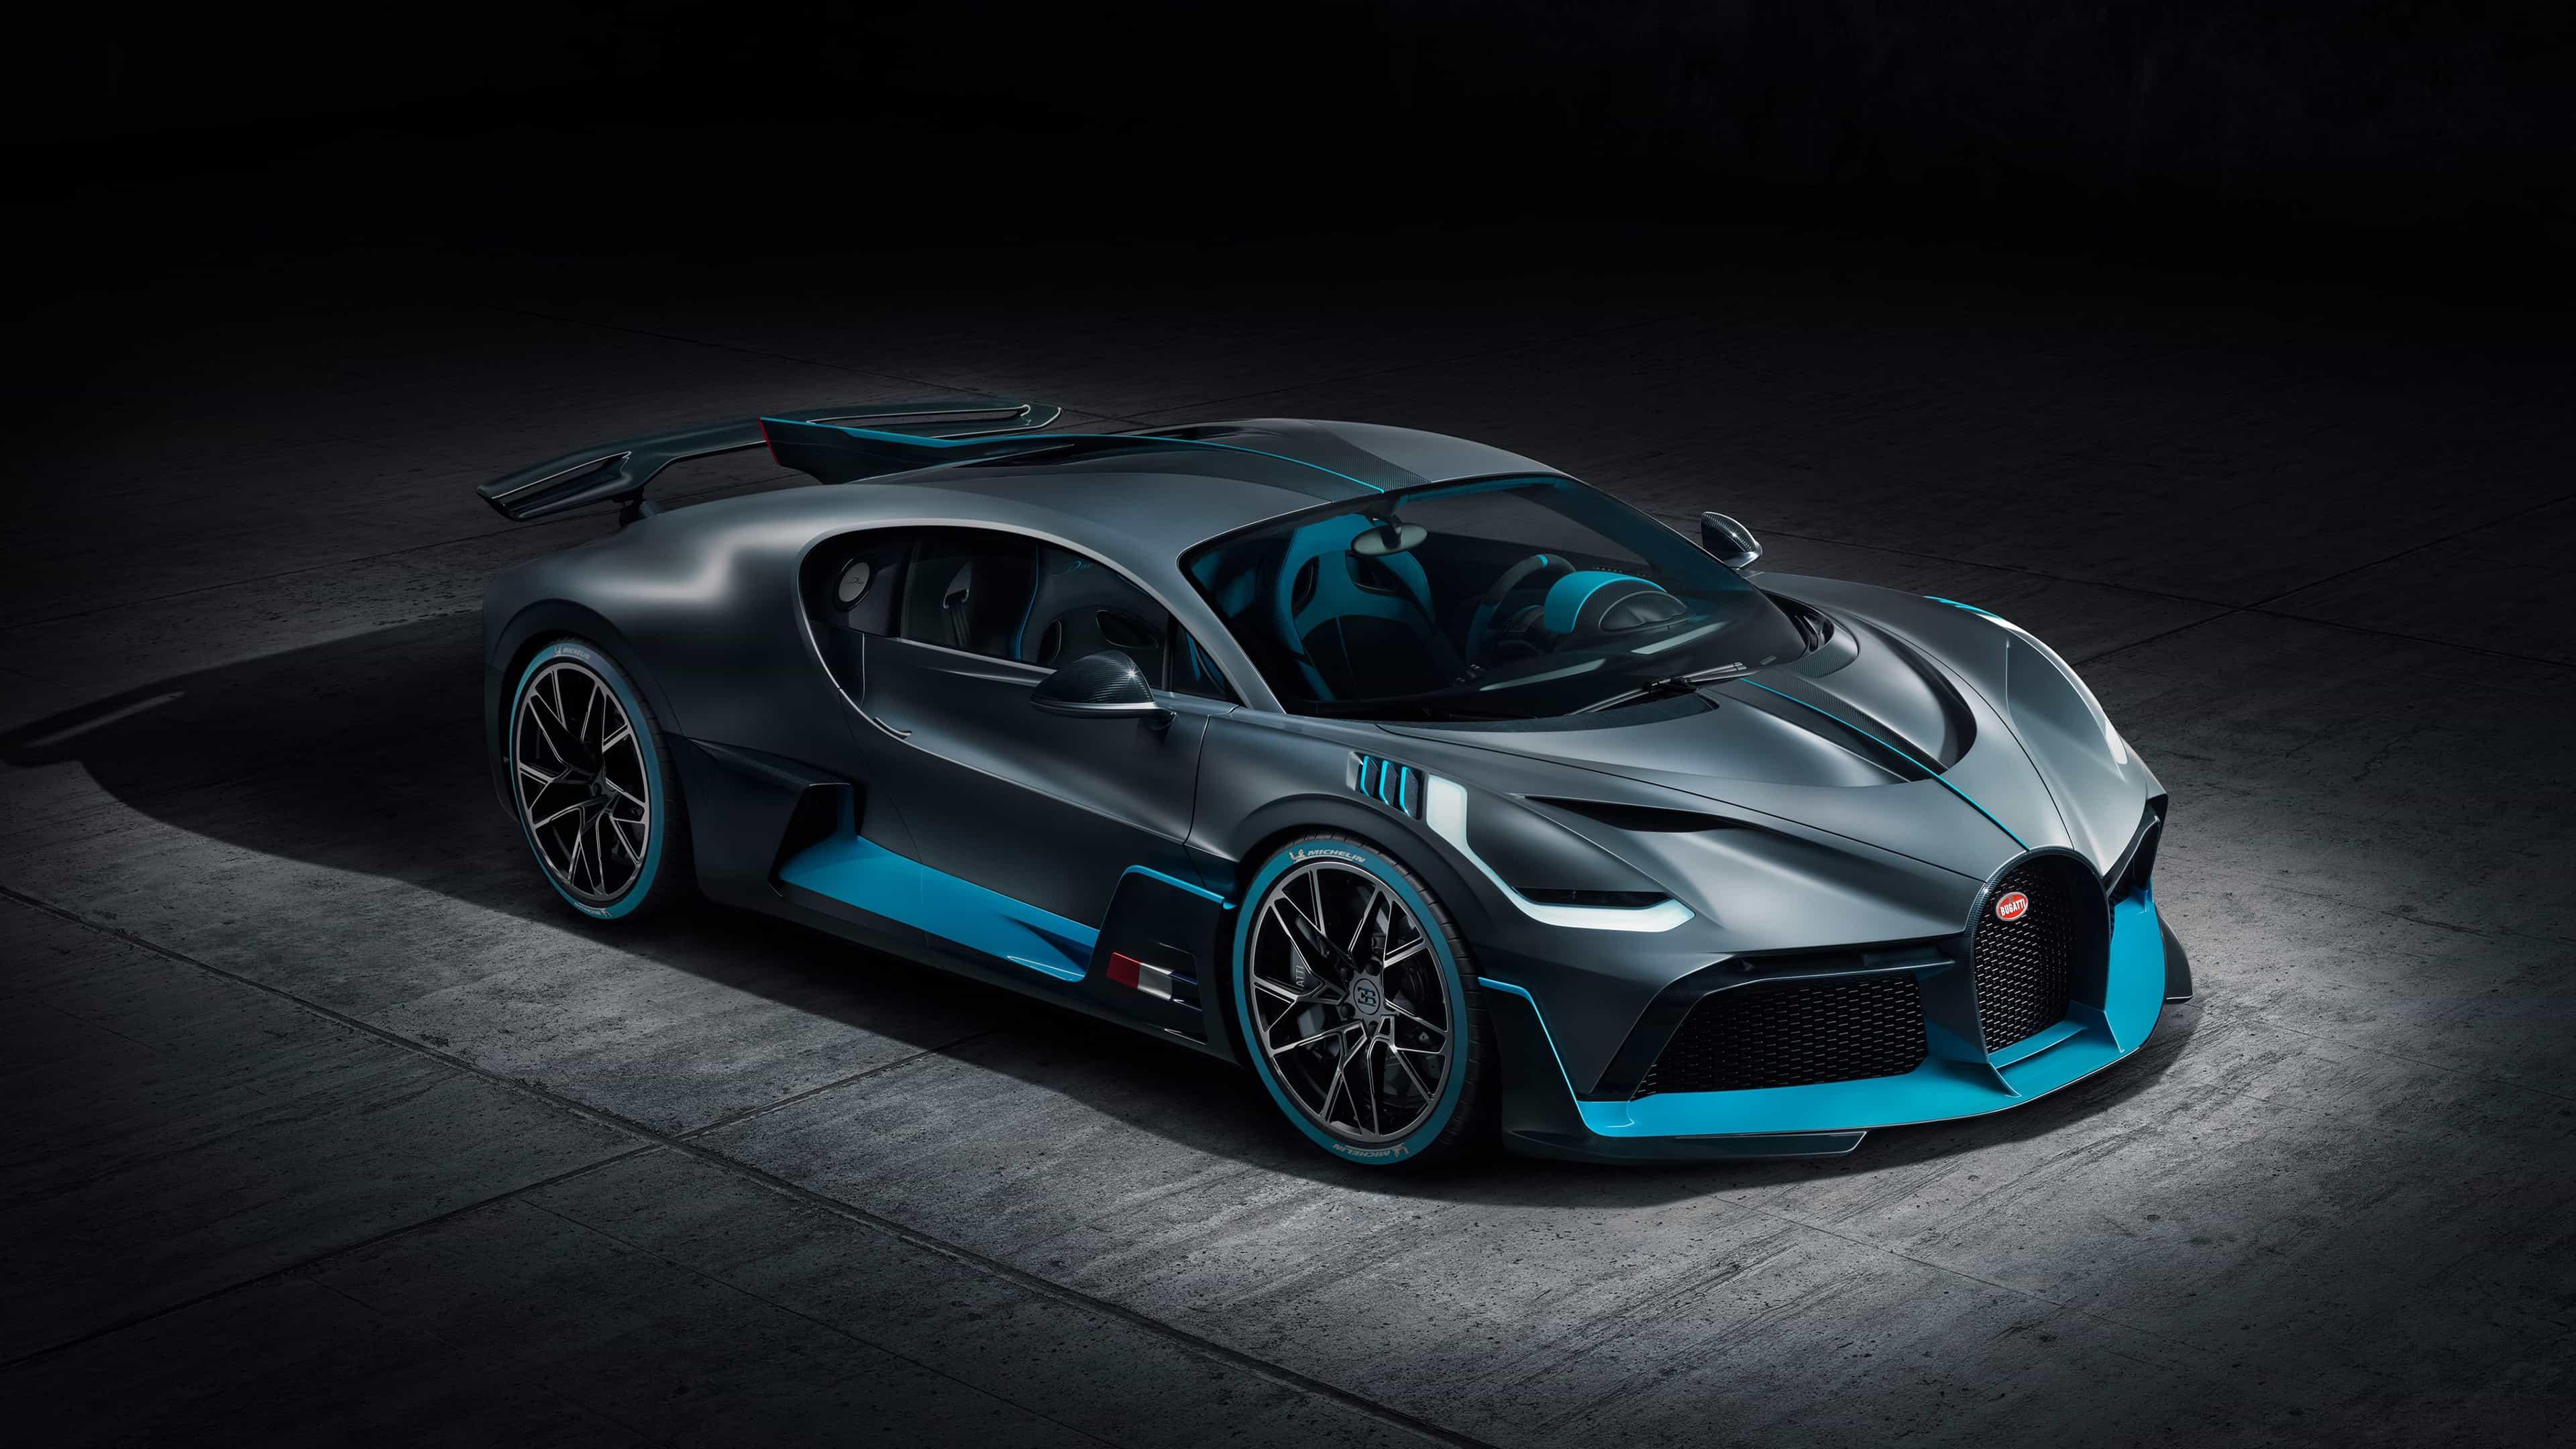 Bugatti Divo Uhd 4k Wallpaper Pixelz